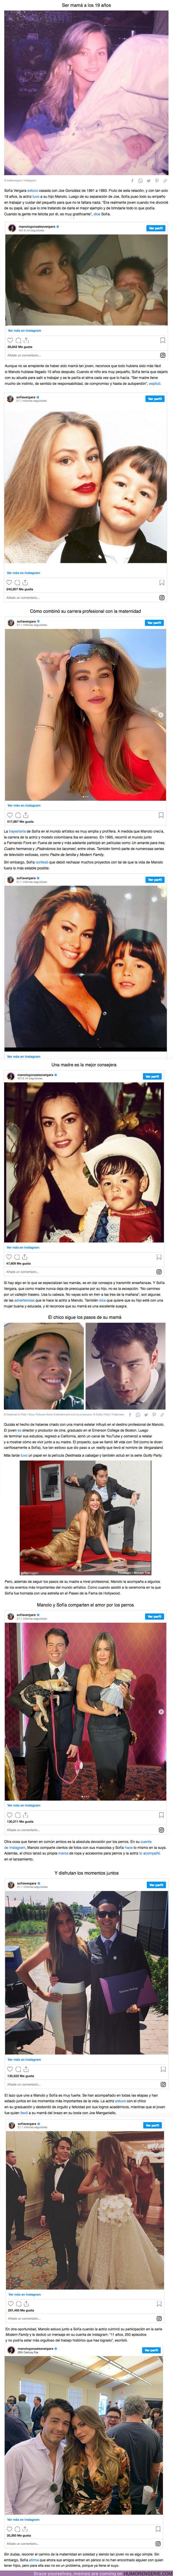 """67133 - GALERÍA: """"Lo crie tratando de darle el mejor ejemplo"""", Sofía Vergara compartió lo que significó ser mamá soltera a los 19 años"""